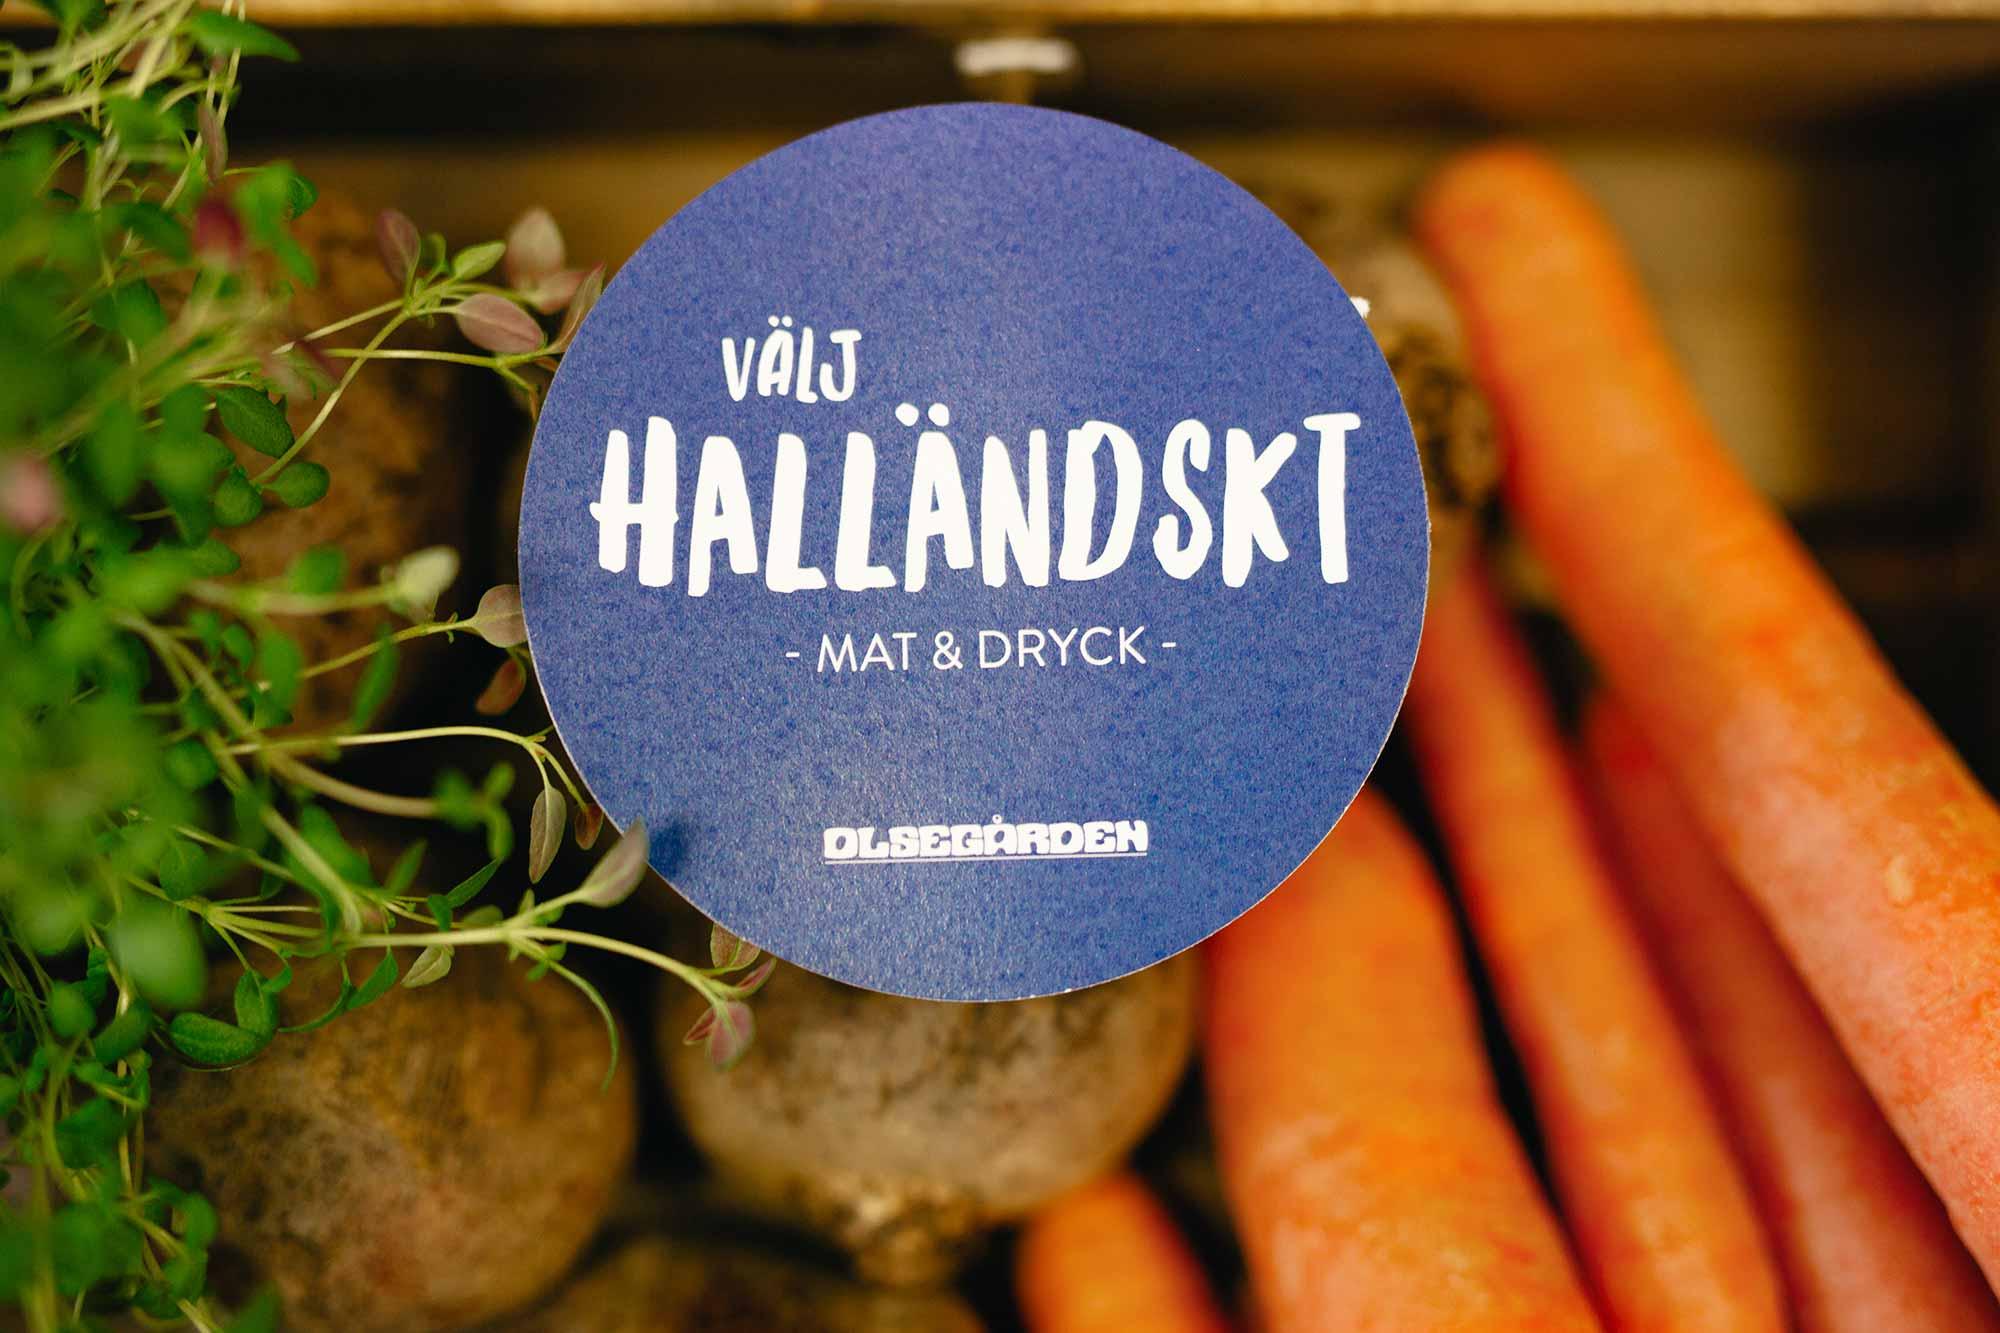 En skyltdekal, rund och blå med texten: Välj Halländskt.